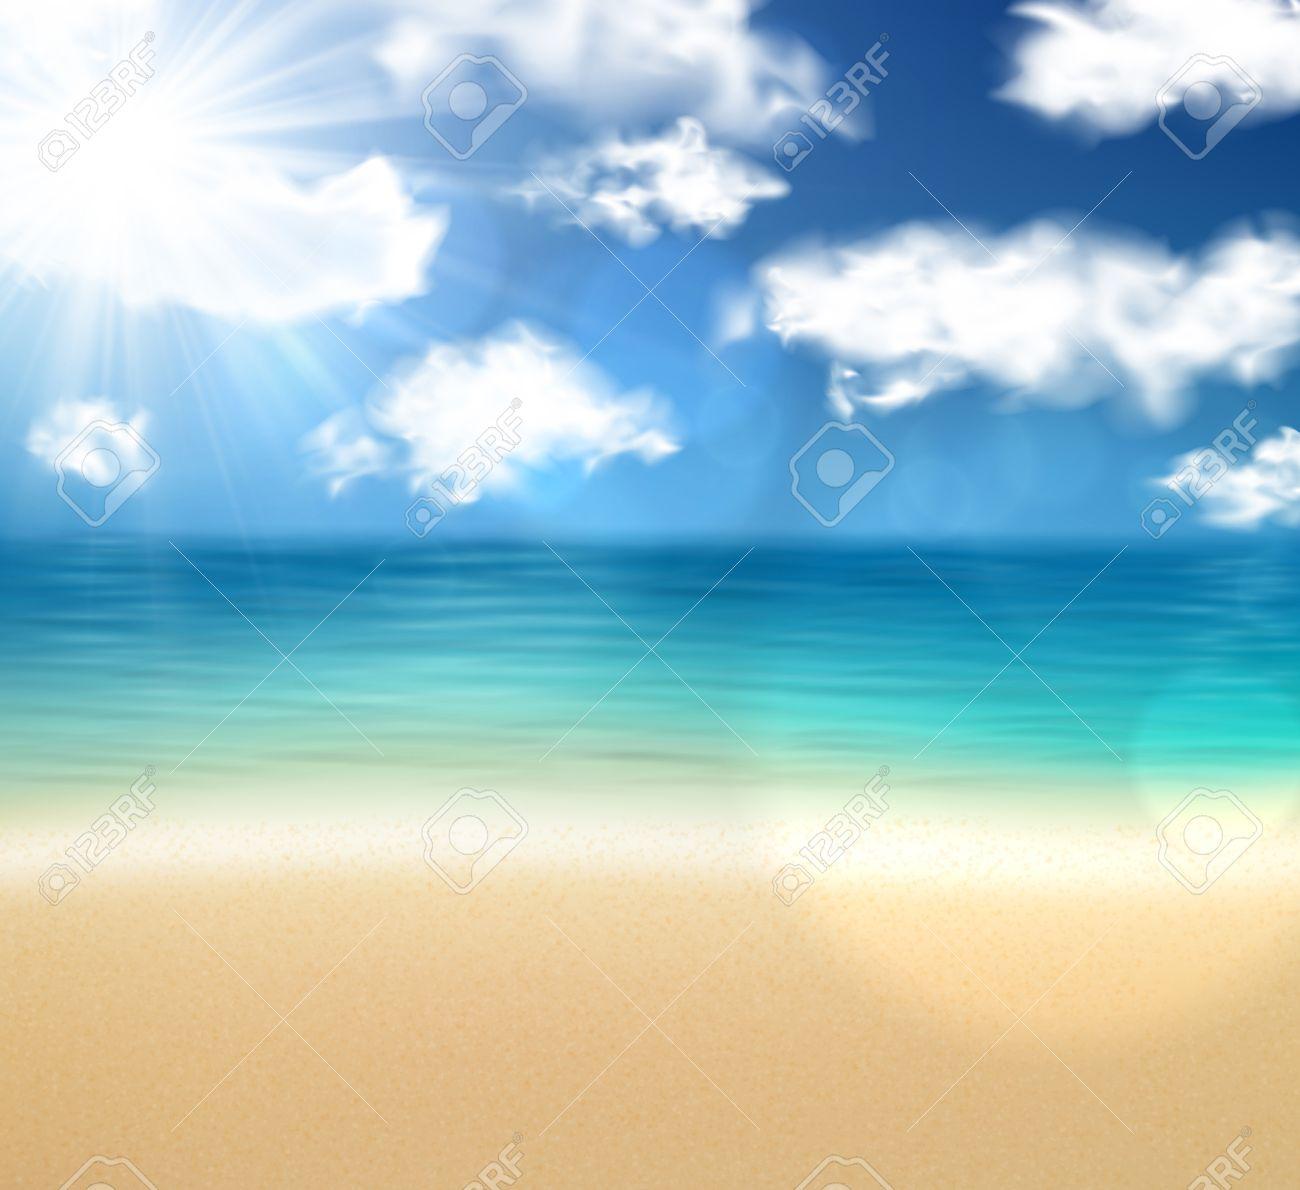 海と空と夏の海岸。熱帯の背景。ベクトル イラスト。 ロイヤリティ